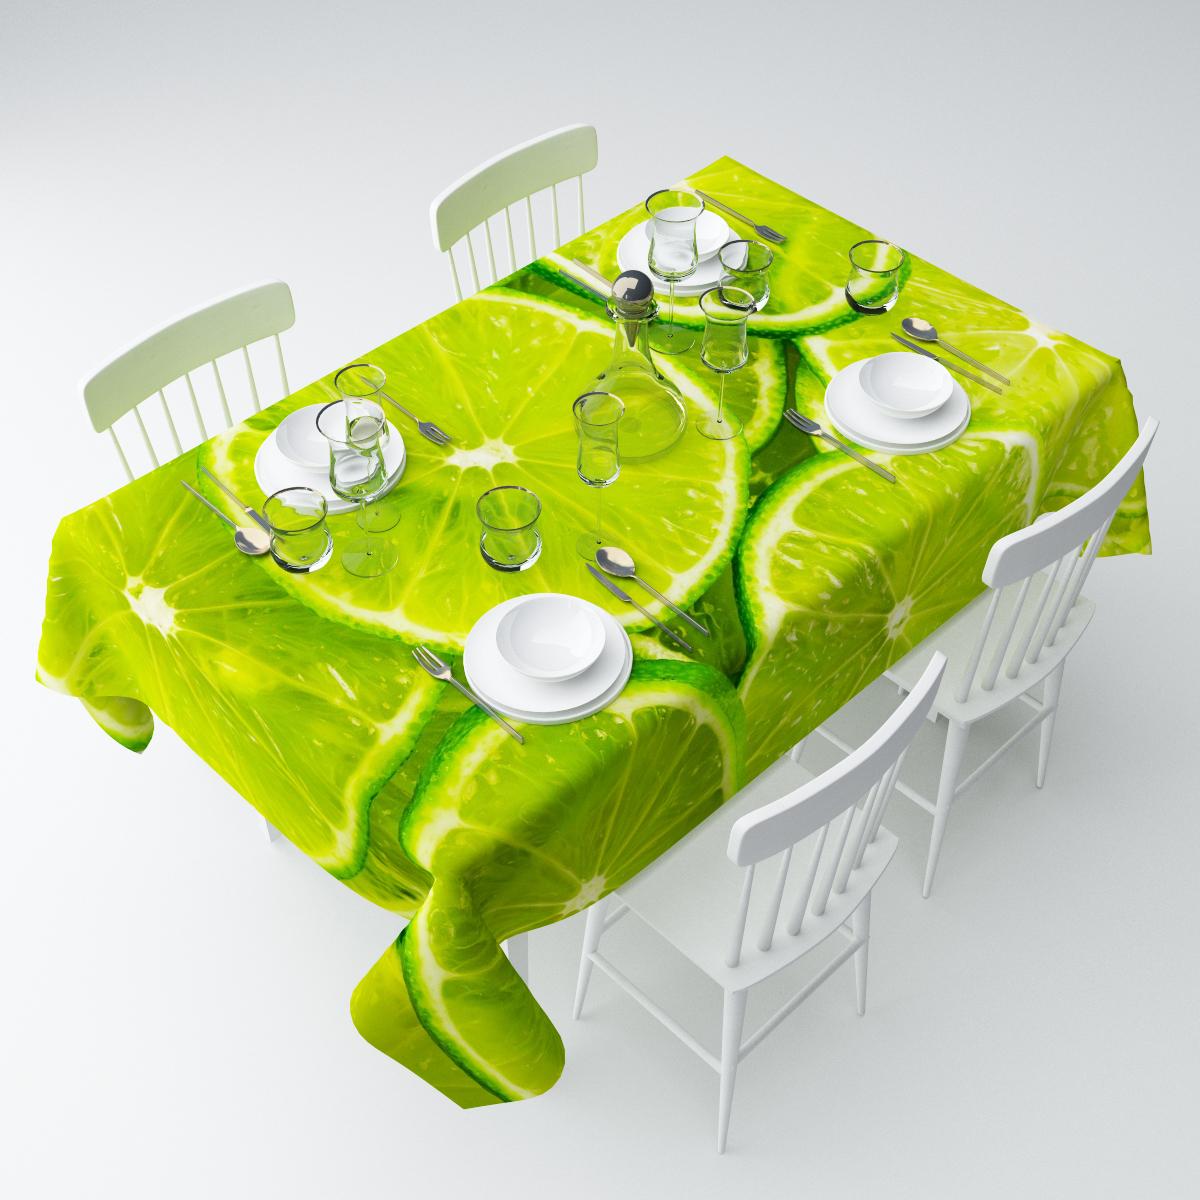 """Прямоугольная скатерть Сирень """"Лайм"""", выполненная из  габардина с ярким рисунком, преобразит вашу кухню, визуально  расширит пространство, создаст атмосферу радости и комфорта.    Рекомендации по уходу: стирка при 30 градусах, гладить при температуре до 110  градусов.   Размер скатерти: 145 х 220 см.  Изображение может немного отличаться от реального."""